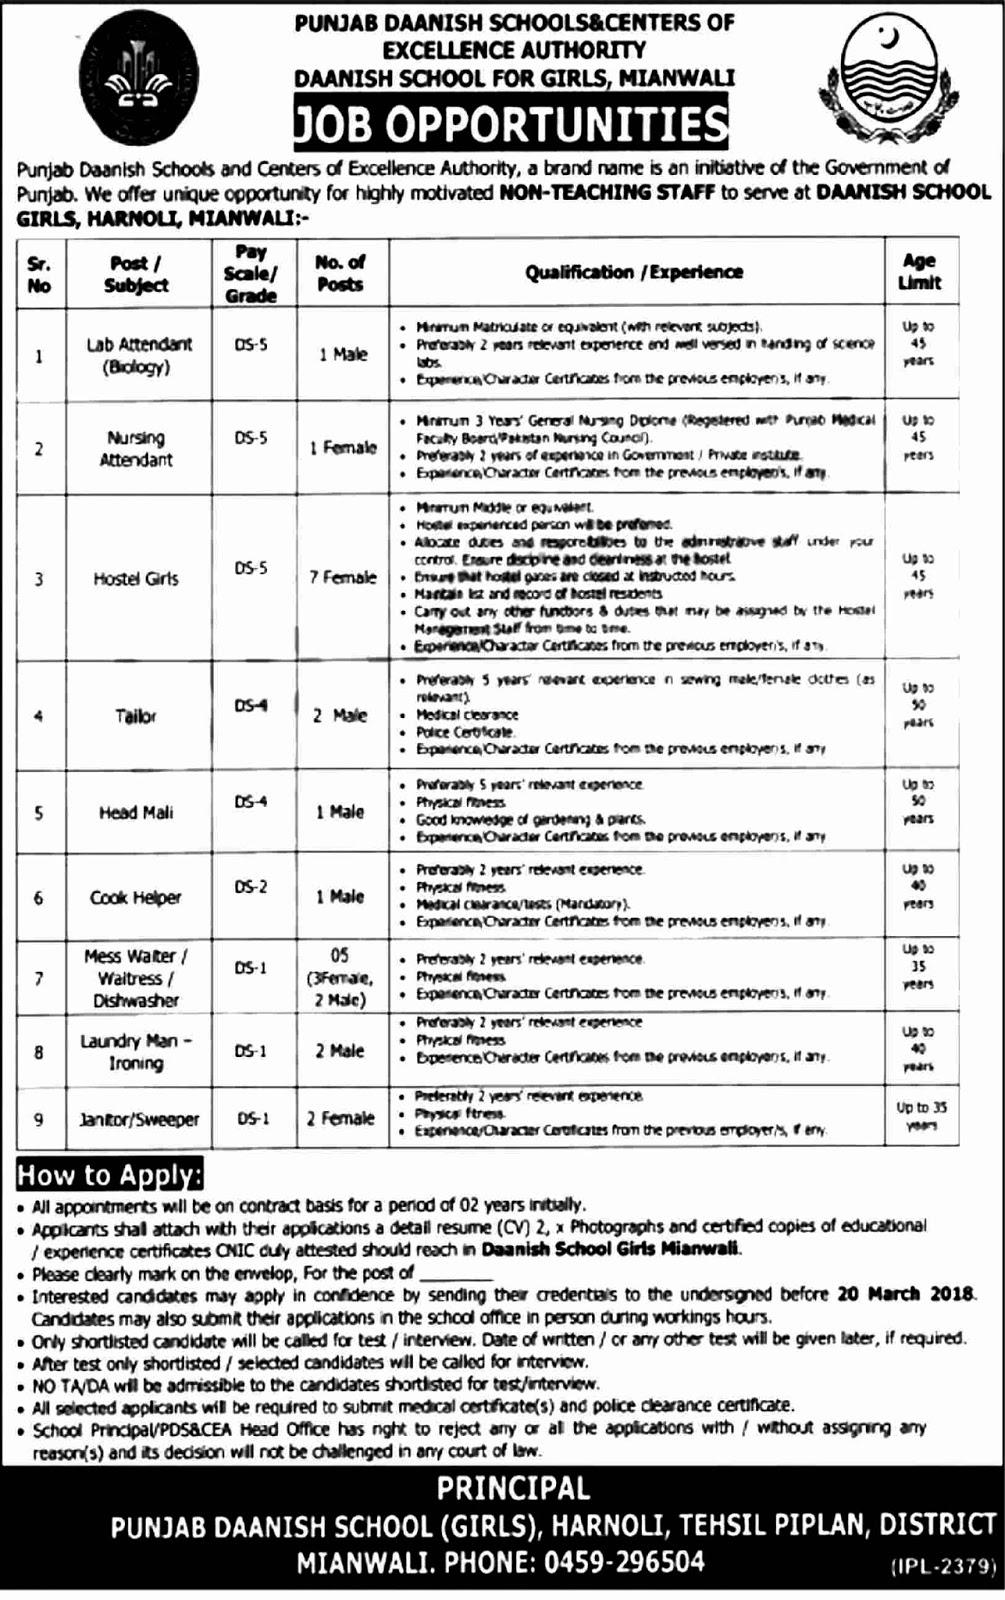 Jobs In Punjab Daanish Schools 2018 Mianwali